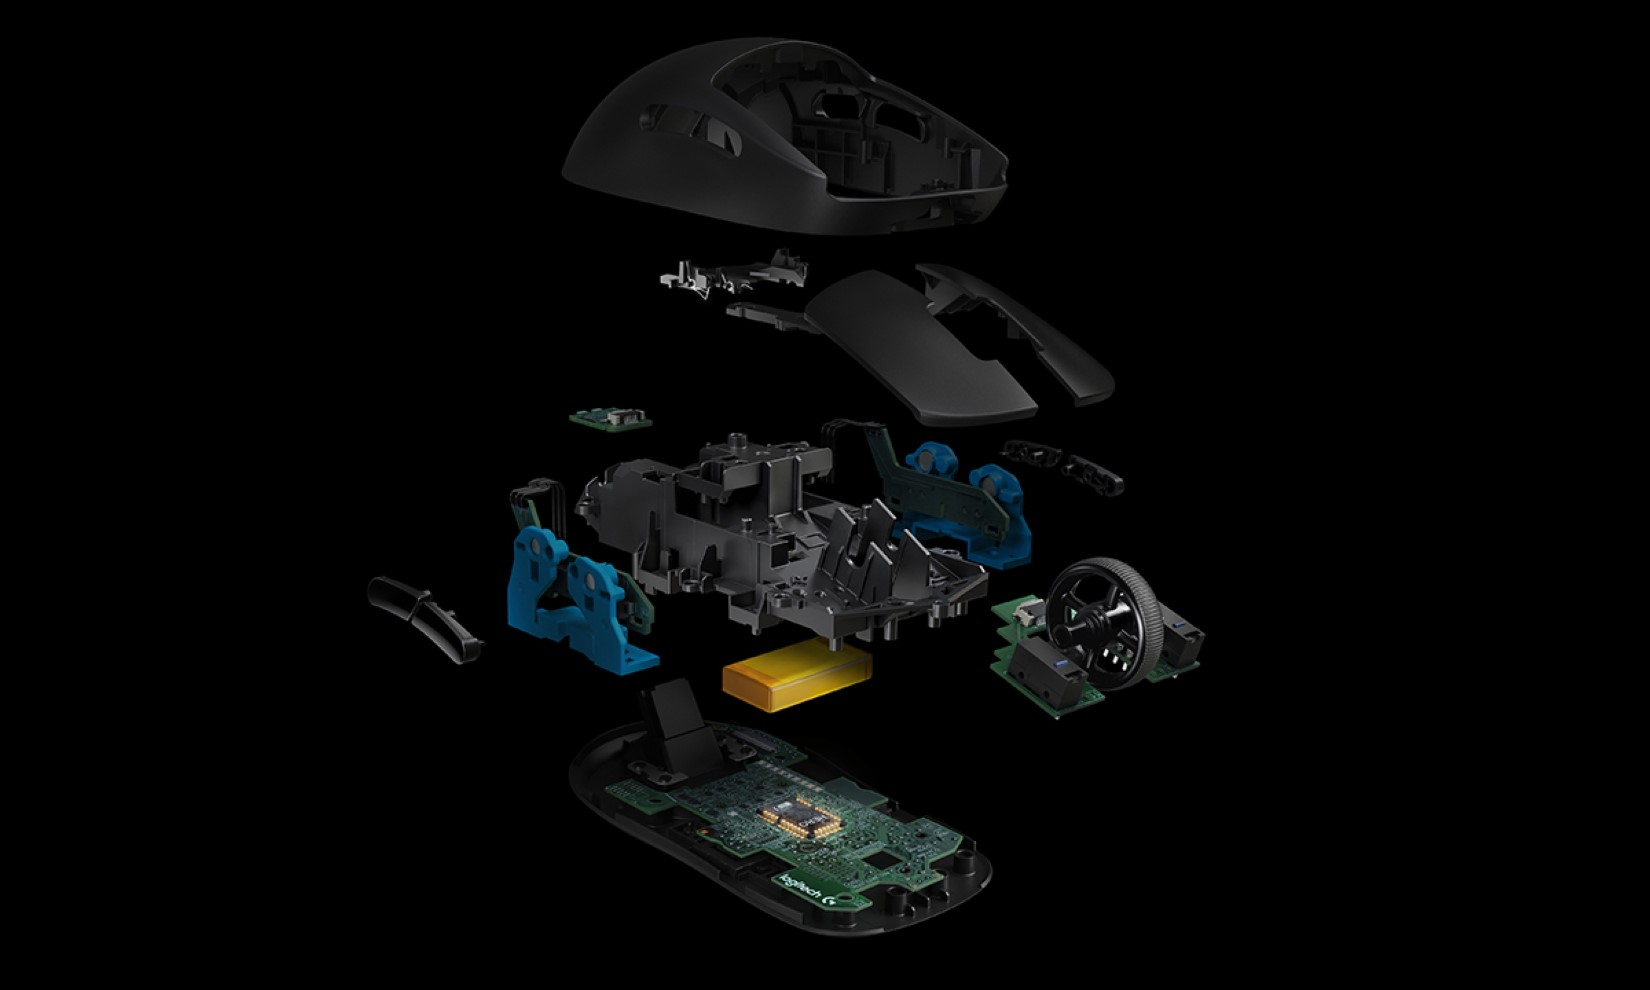 Chuột chơi game Logitech G Pro Wireless Gaming có trọng lượng siêu nhẹ chỉ 80g